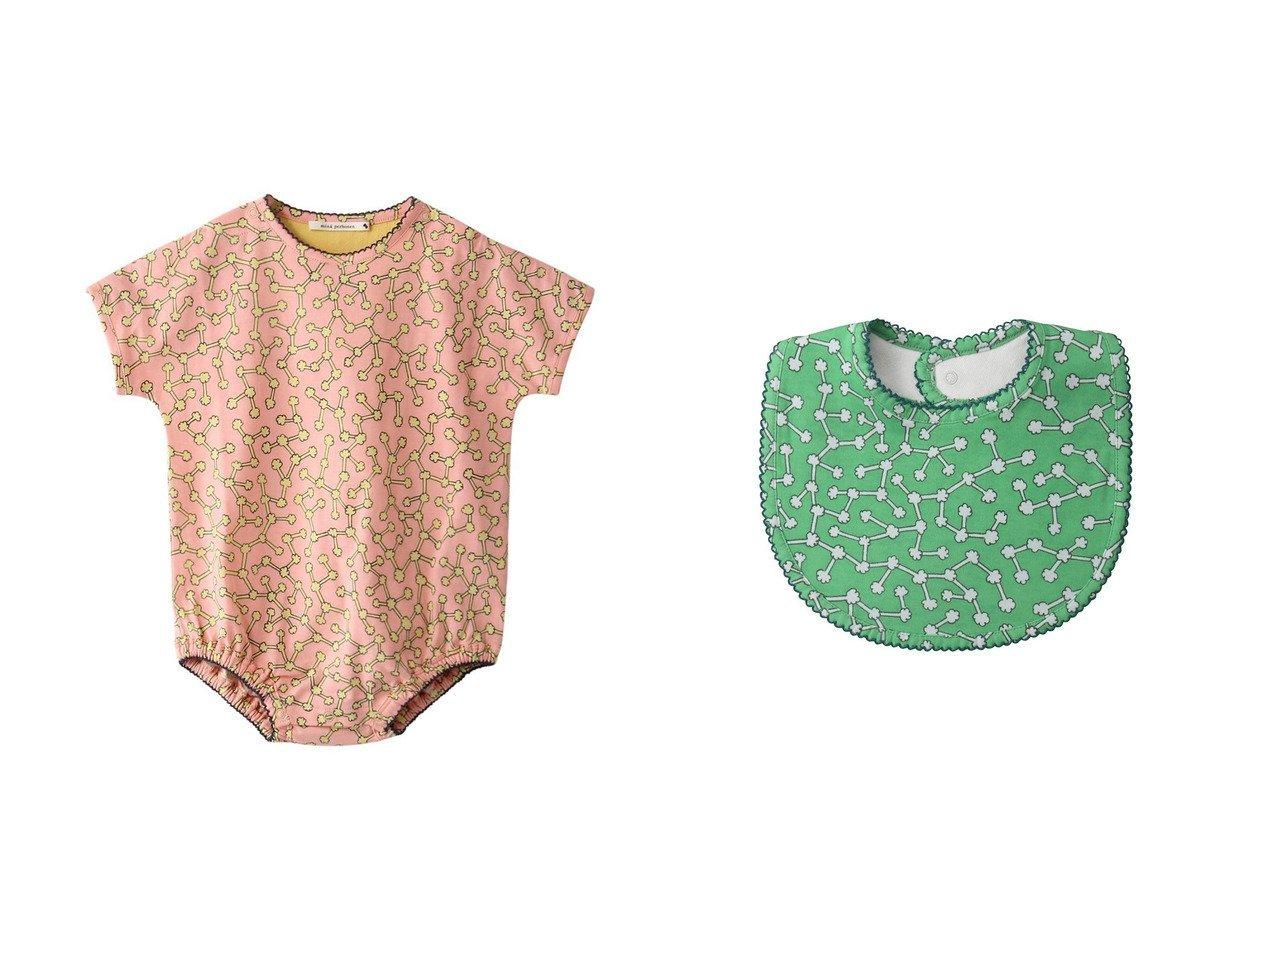 【mina perhonen / KIDS/ミナ ペルホネン】の【Baby】ensoku トップス&【Baby】ensoku スタイ 【BABY】ベビー服のおすすめ!人気、キッズファッションの通販 おすすめで人気の流行・トレンド、ファッションの通販商品 メンズファッション・キッズファッション・インテリア・家具・レディースファッション・服の通販 founy(ファニー) https://founy.com/ ファッション Fashion キッズファッション KIDS トップス・カットソー Tops/Tees/Kids 2021年 2021 2021春夏・S/S SS/Spring/Summer/2021 S/S・春夏 SS・Spring/Summer おすすめ Recommend レース 春 Spring |ID:crp329100000027190